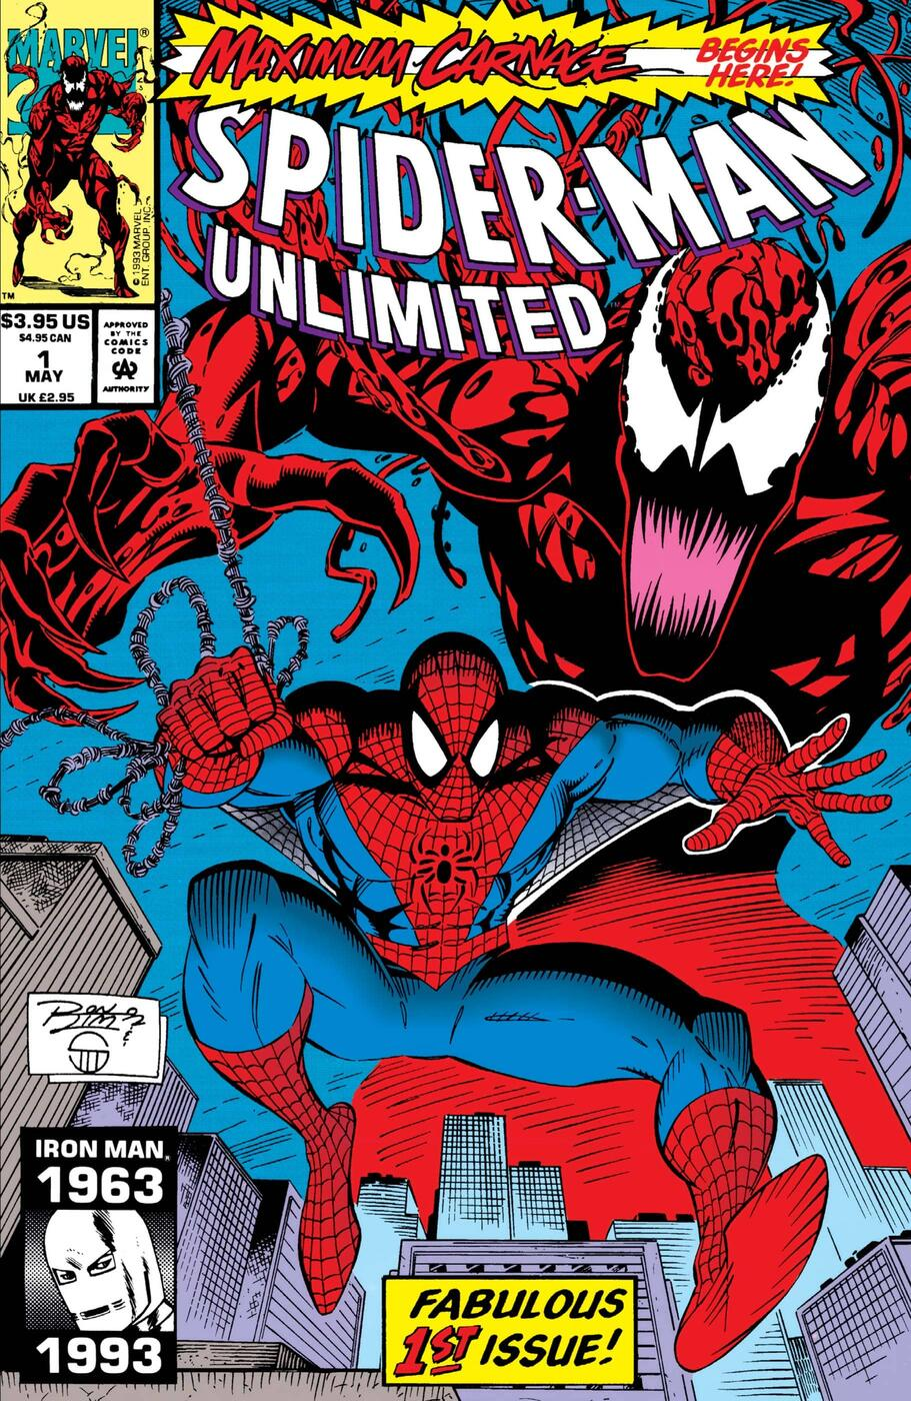 Spider-Man Unlimited (1993) #1